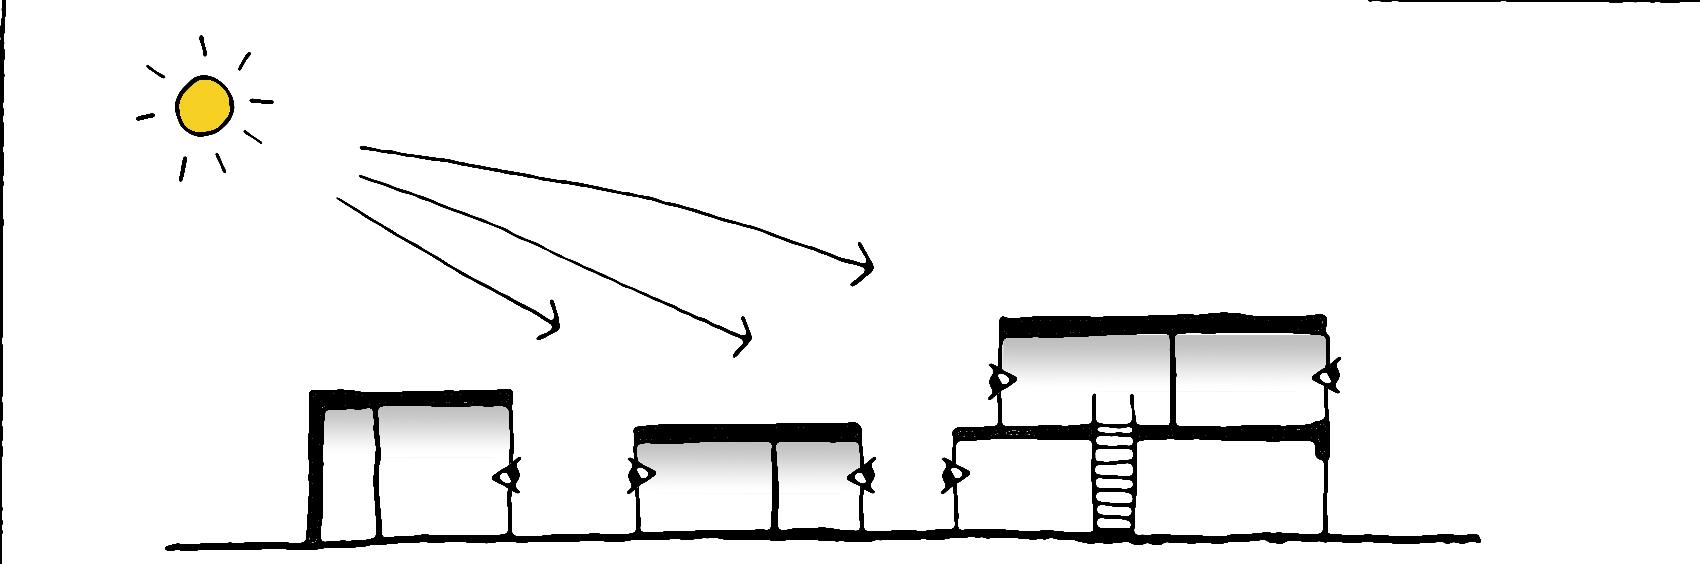 schema-snede